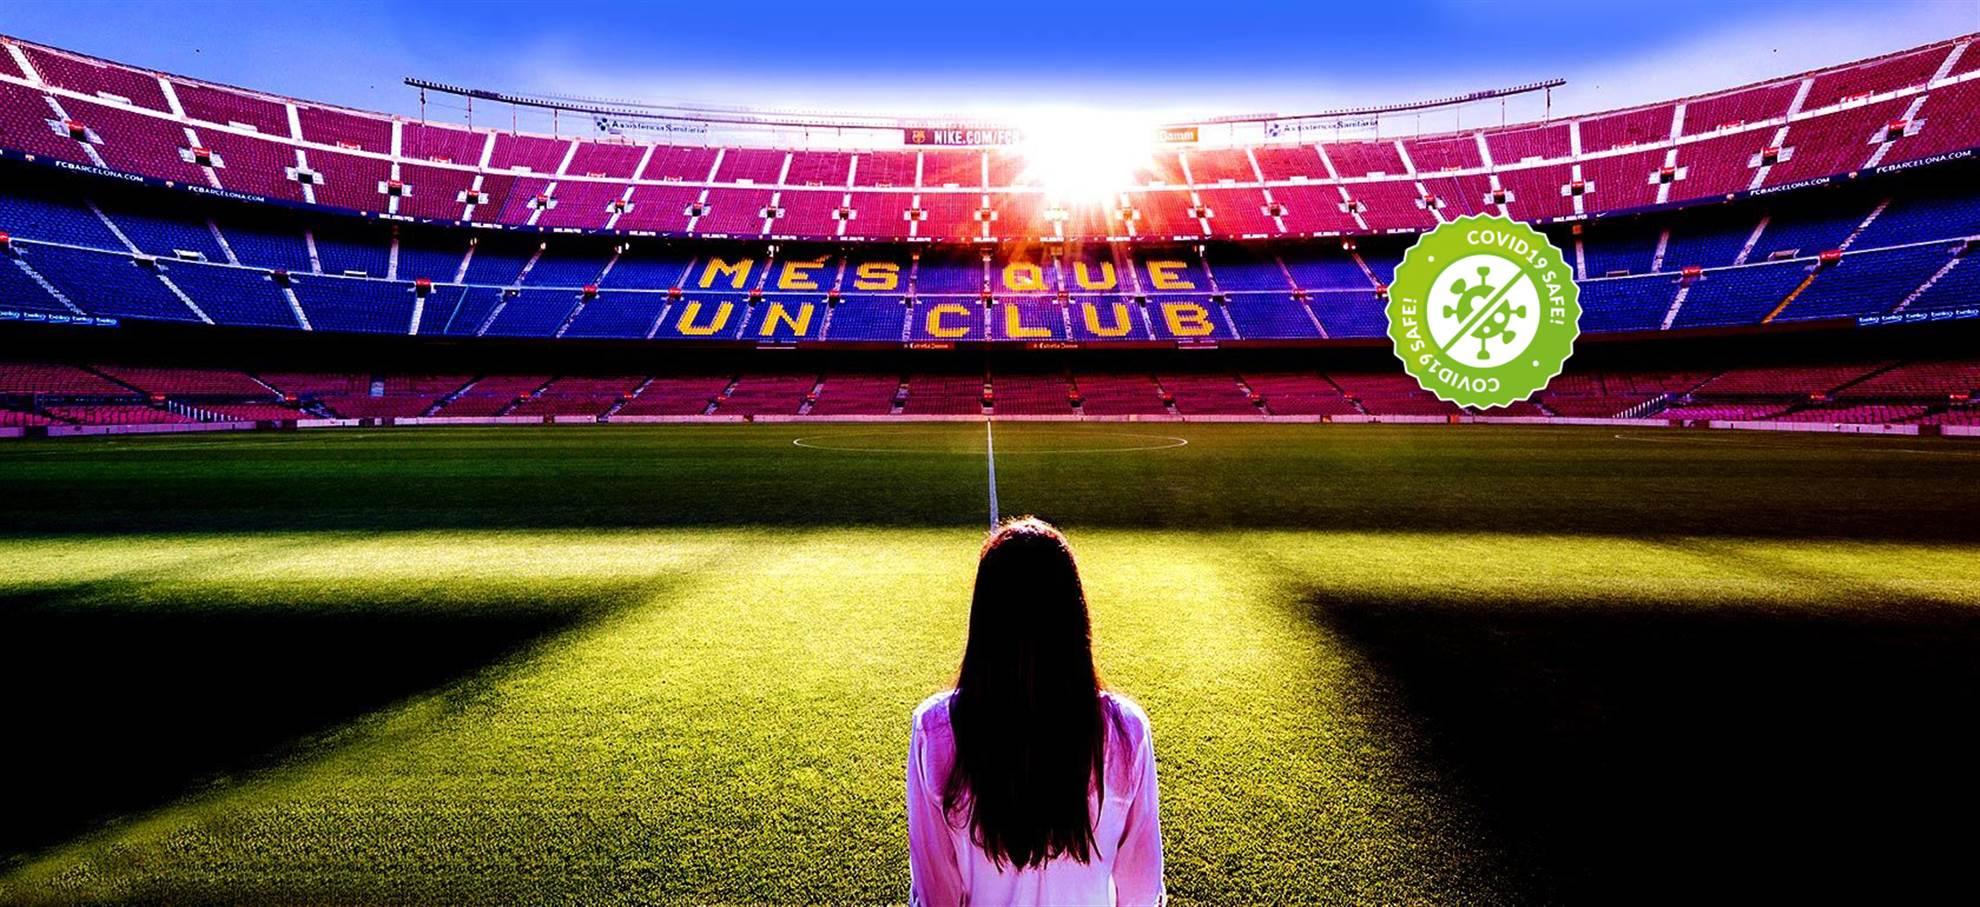 Rondleiding stadion FC Barcelona - Camp Nou